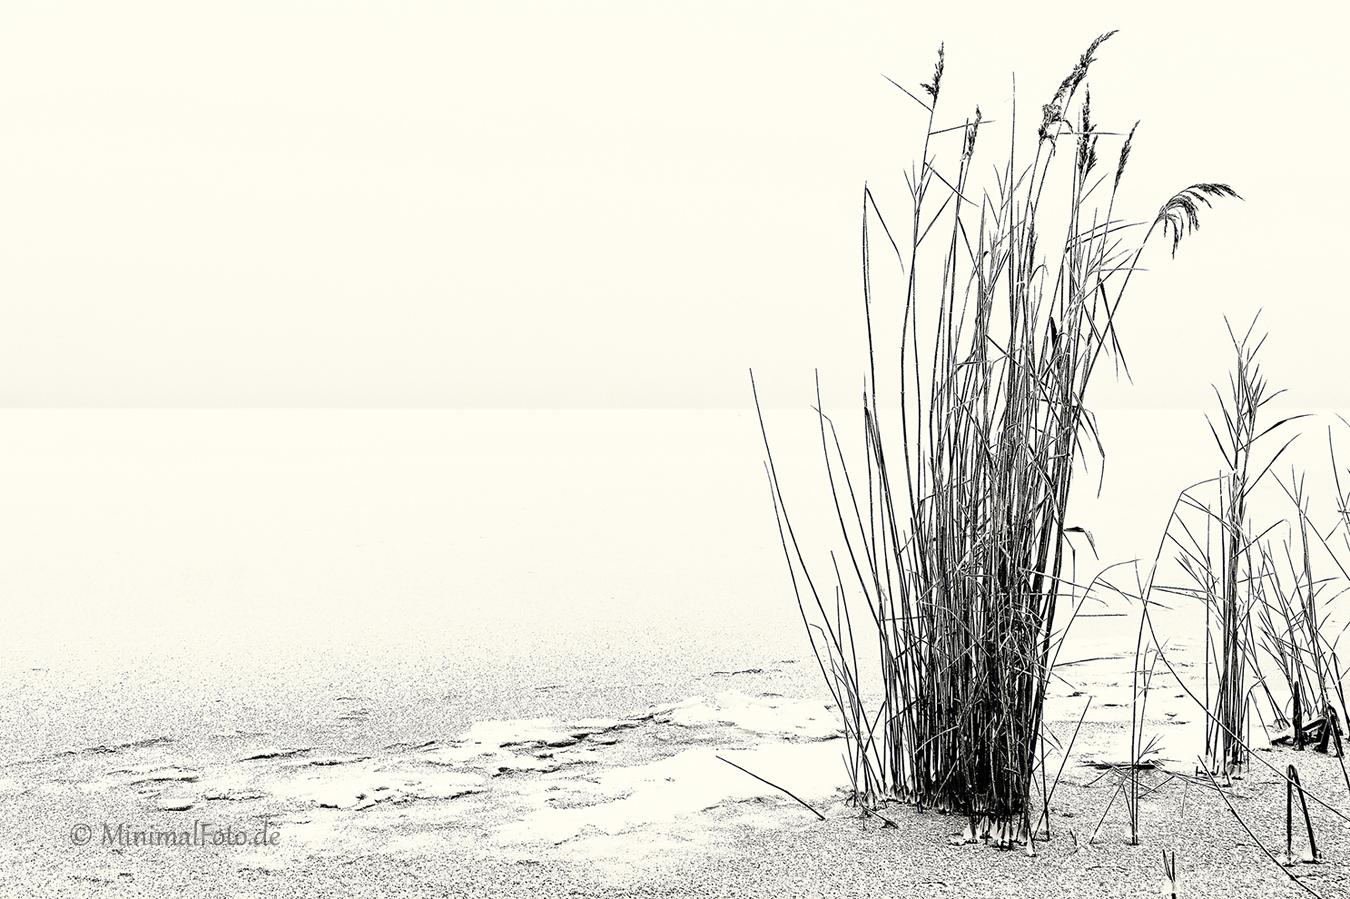 Schilf-reed-roehricht-winter-Minimalismus-minimalistisch-minimalistic-black-white-schwarz-weiss-C_SAM0223-sw